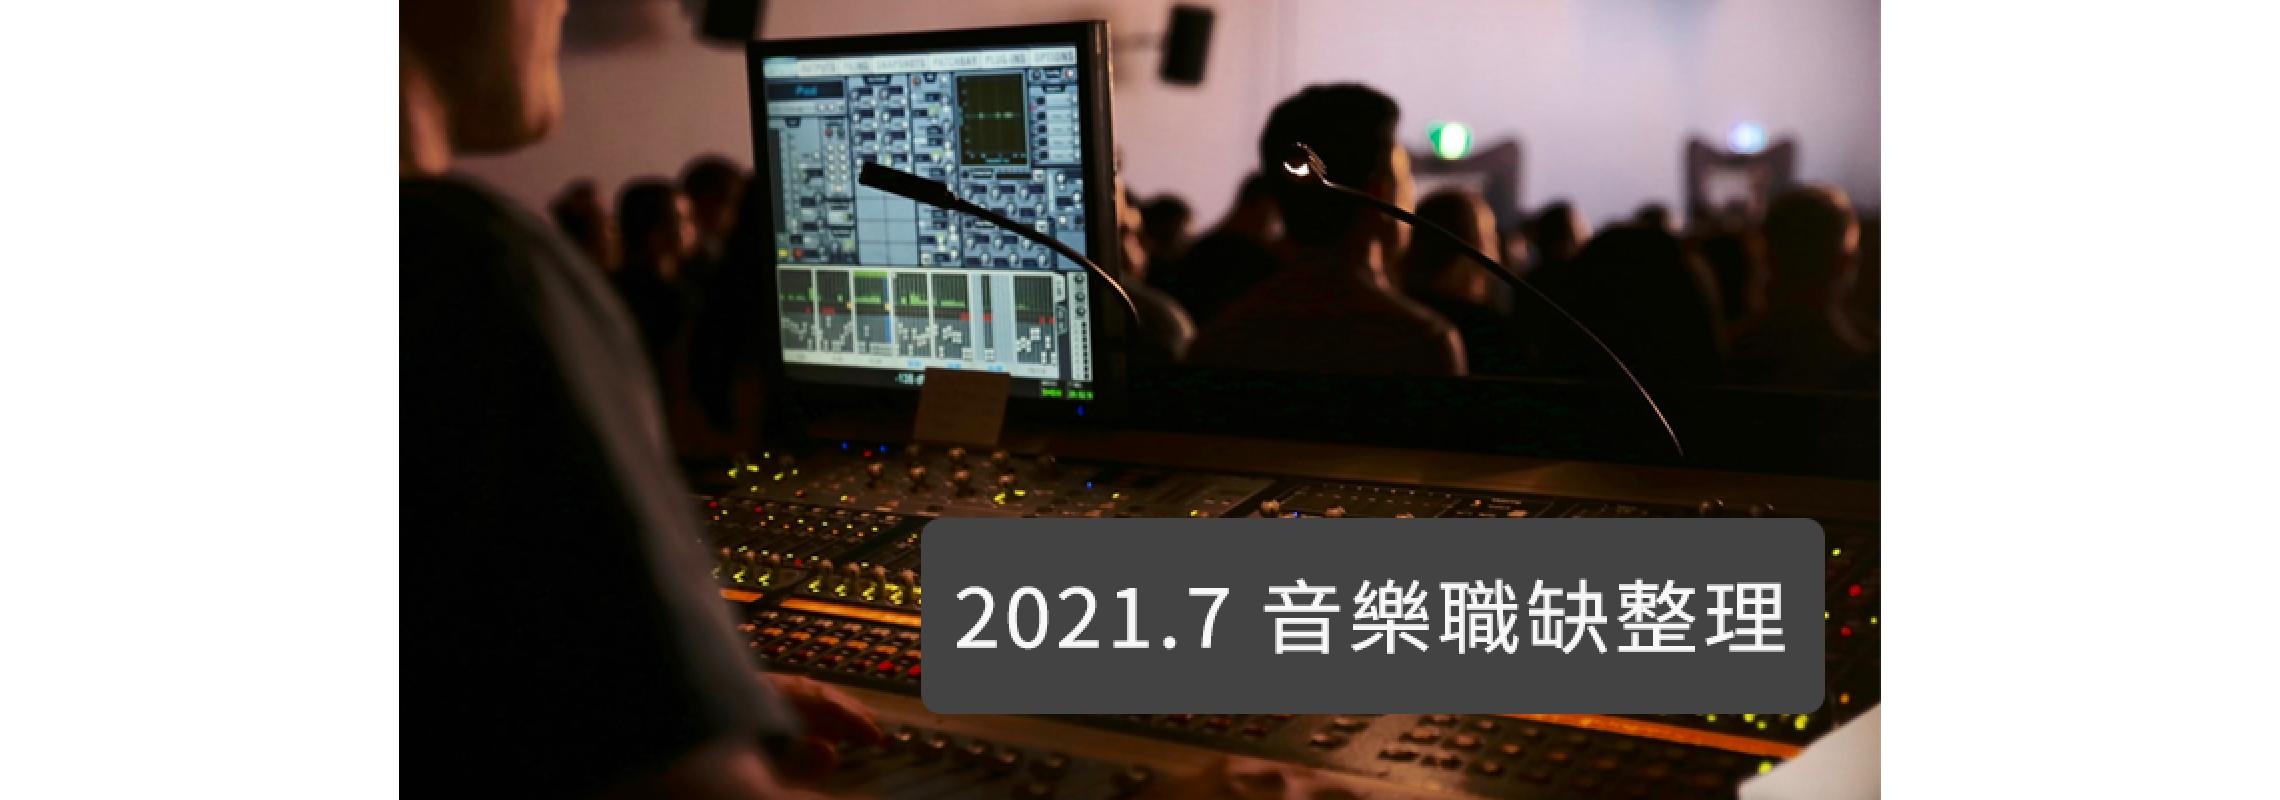 【踏上音樂職人之路】2021.7月音樂職缺整理